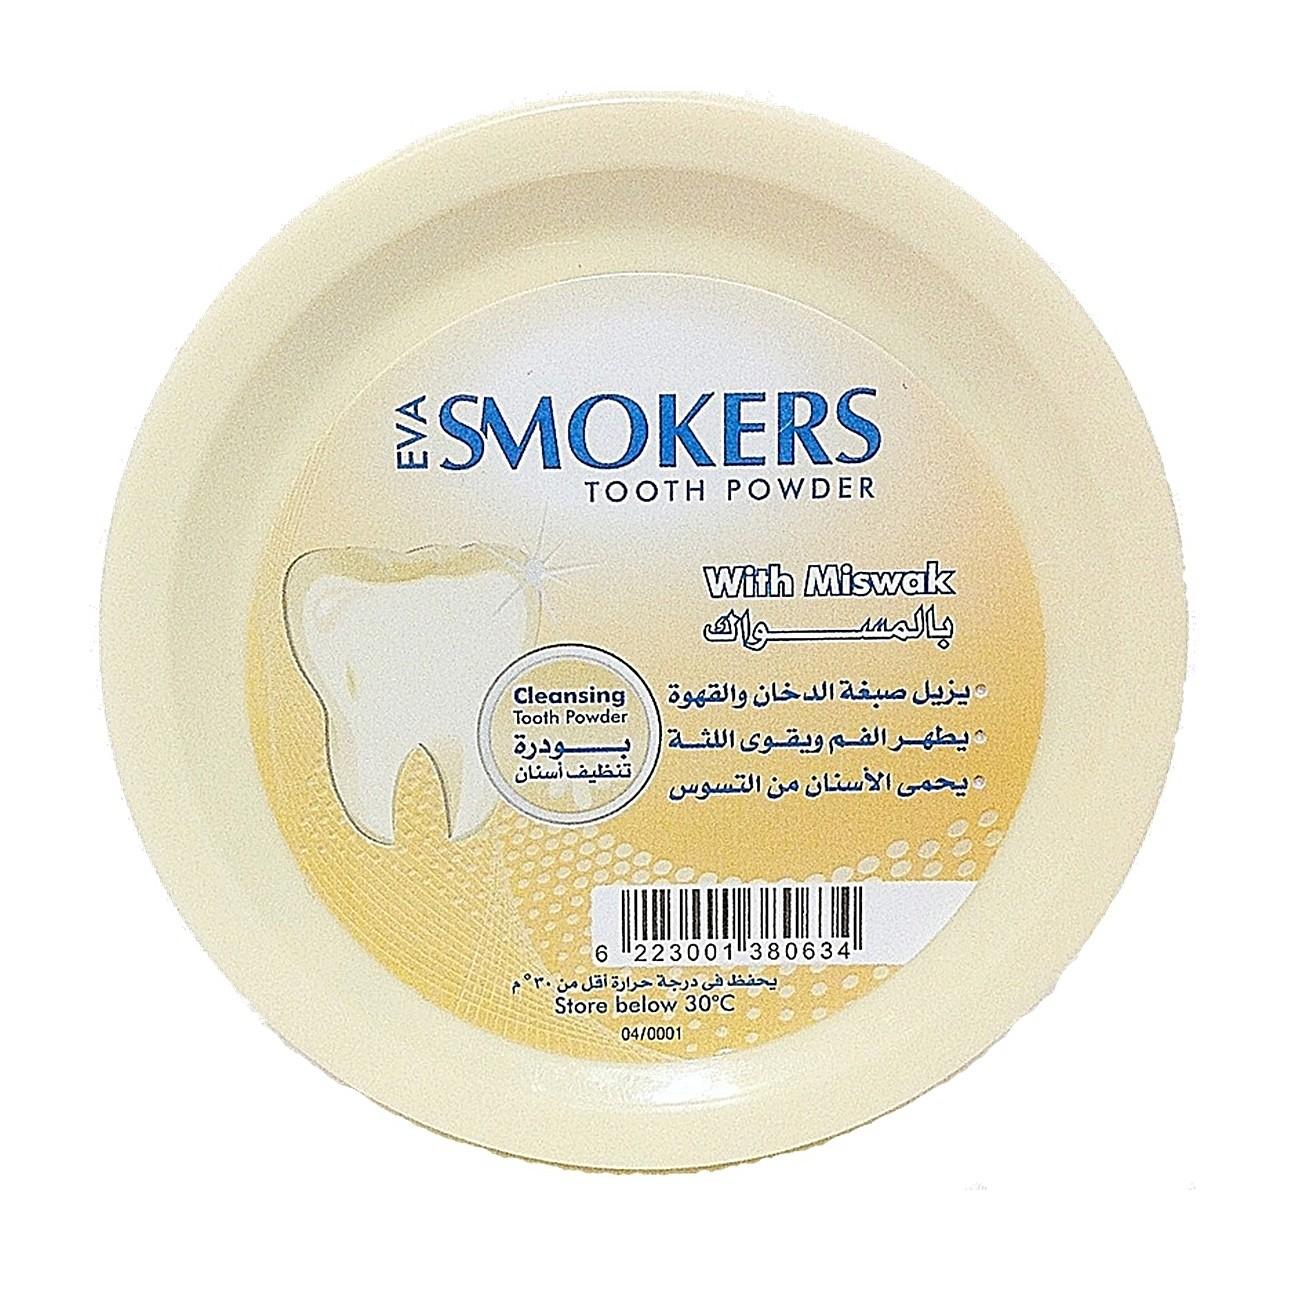 Eva Smokers (Египет) Отбеливающий зубной порошок с мисваком 40г.